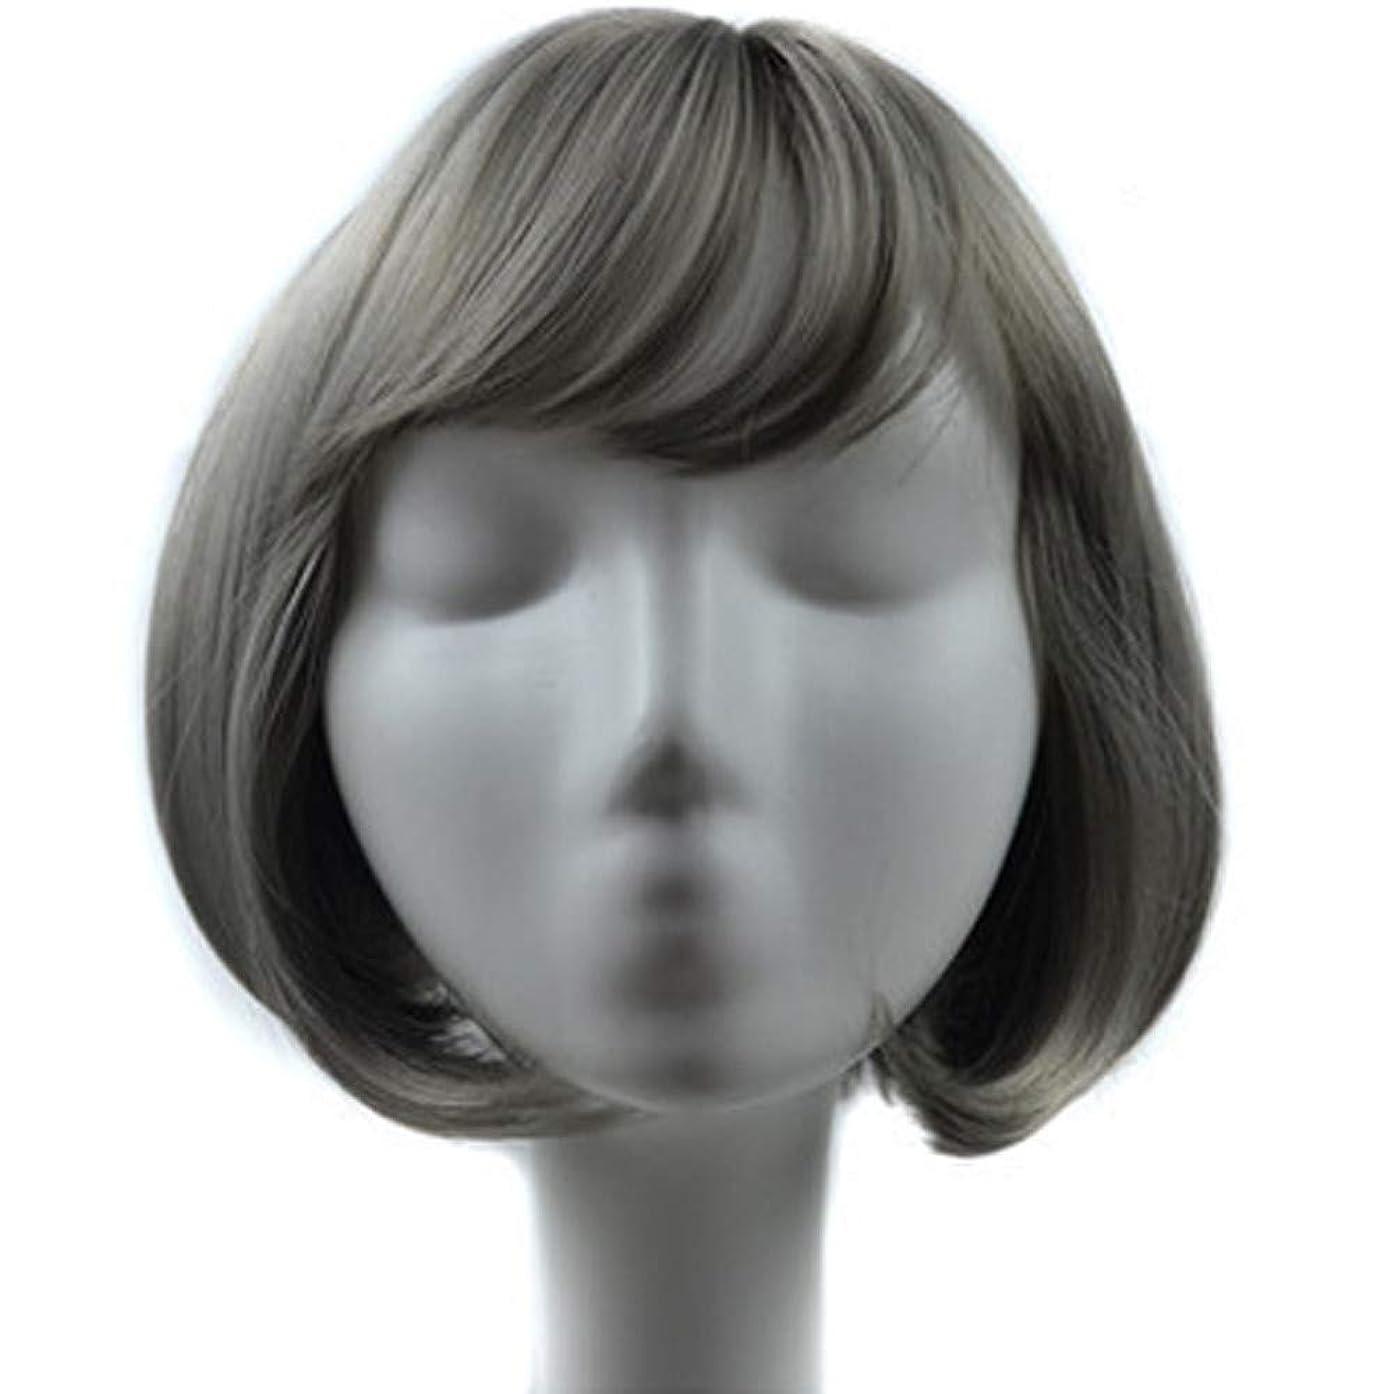 羽苦権利を与えるLazayyii女子 かつら エアバン 天然のリアル ヘア前髪エアバンボボヘッドナシウィッグ (グレー)